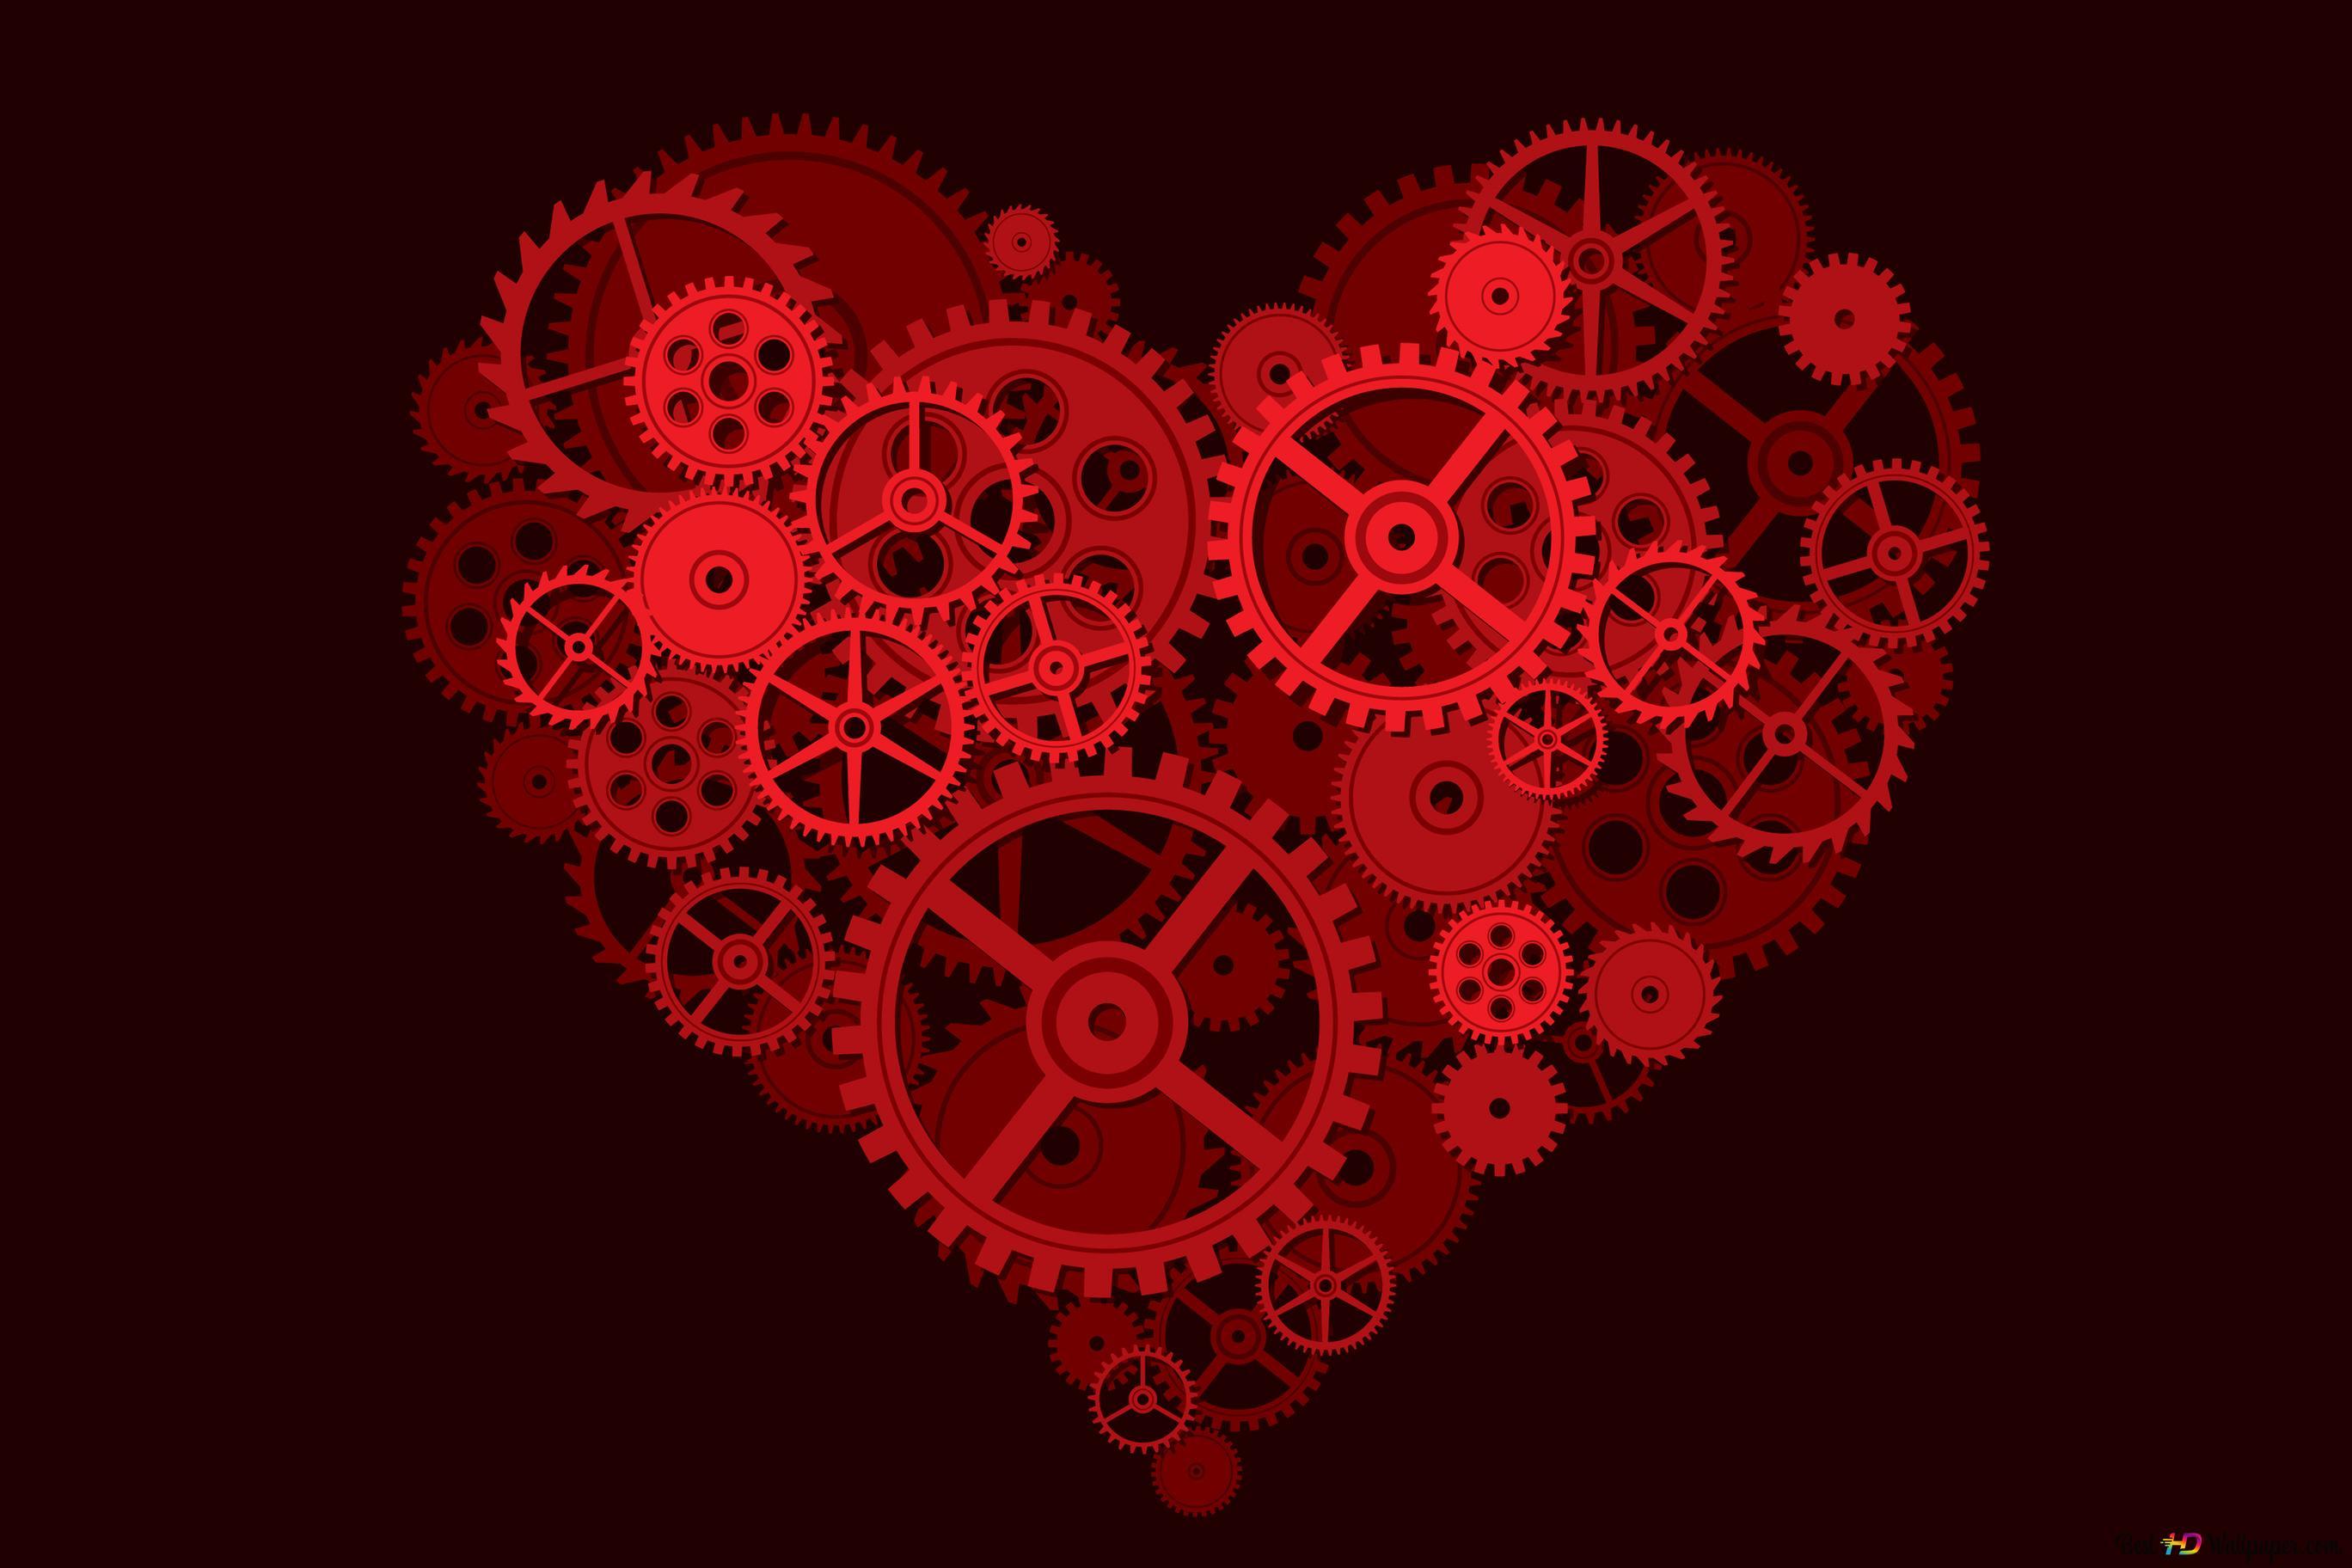 機械の心 Hd壁紙のダウンロード